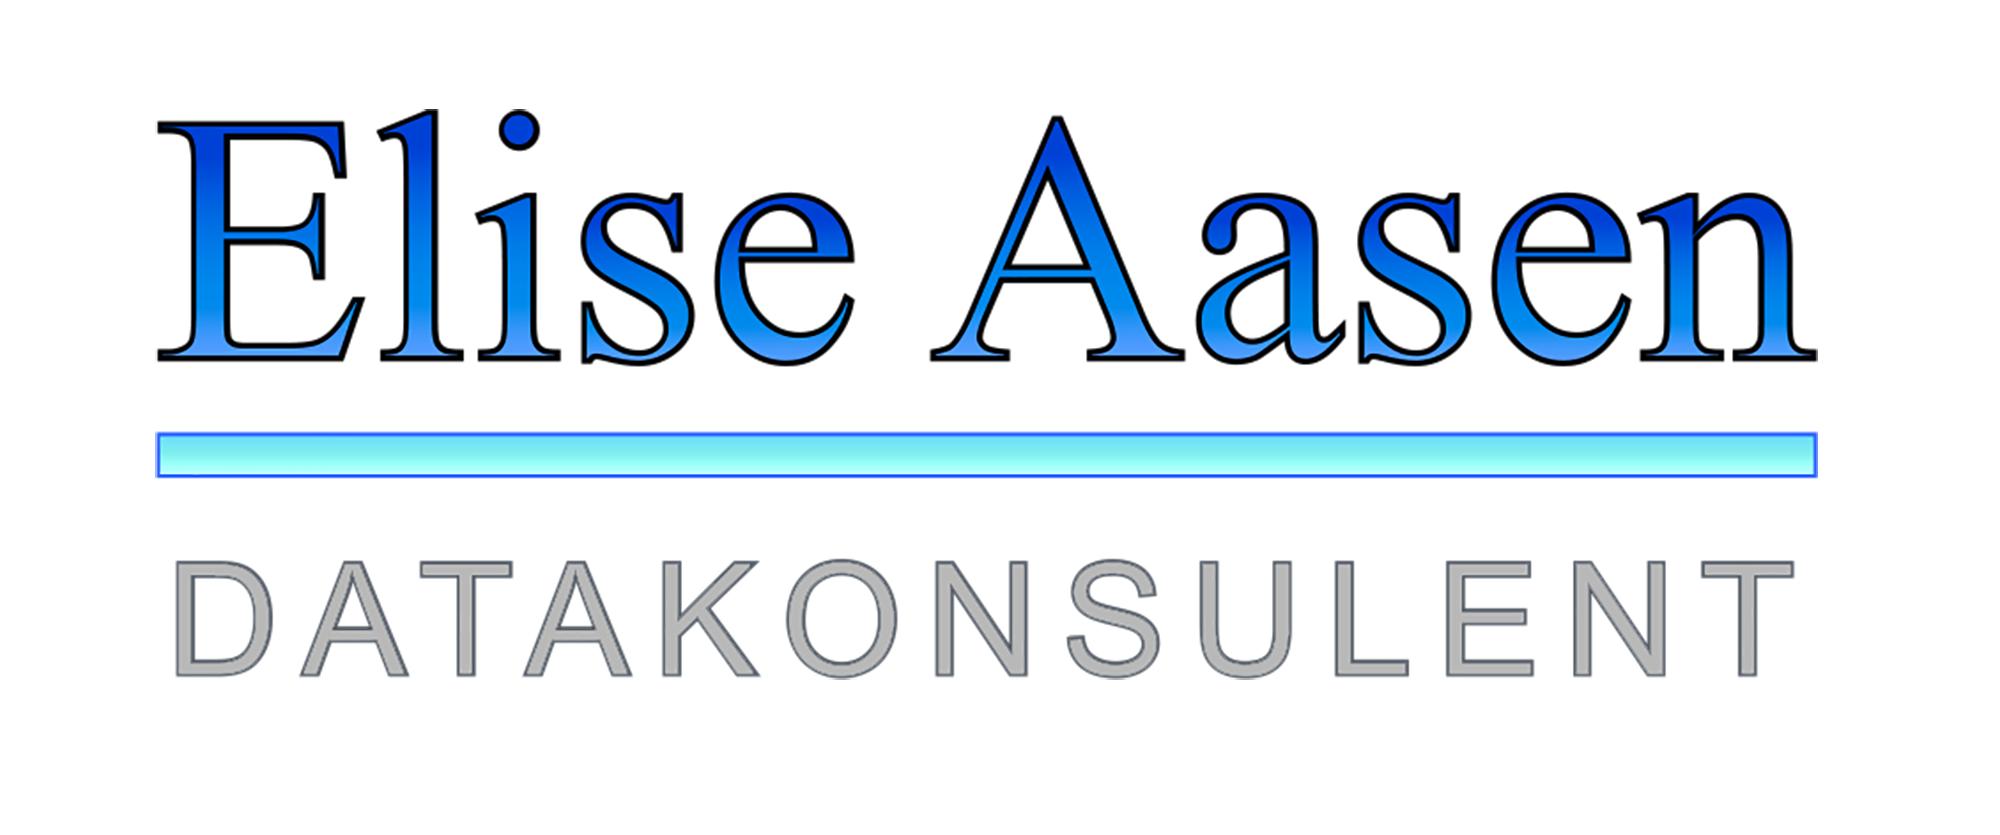 Data Consultant Elise Aasen